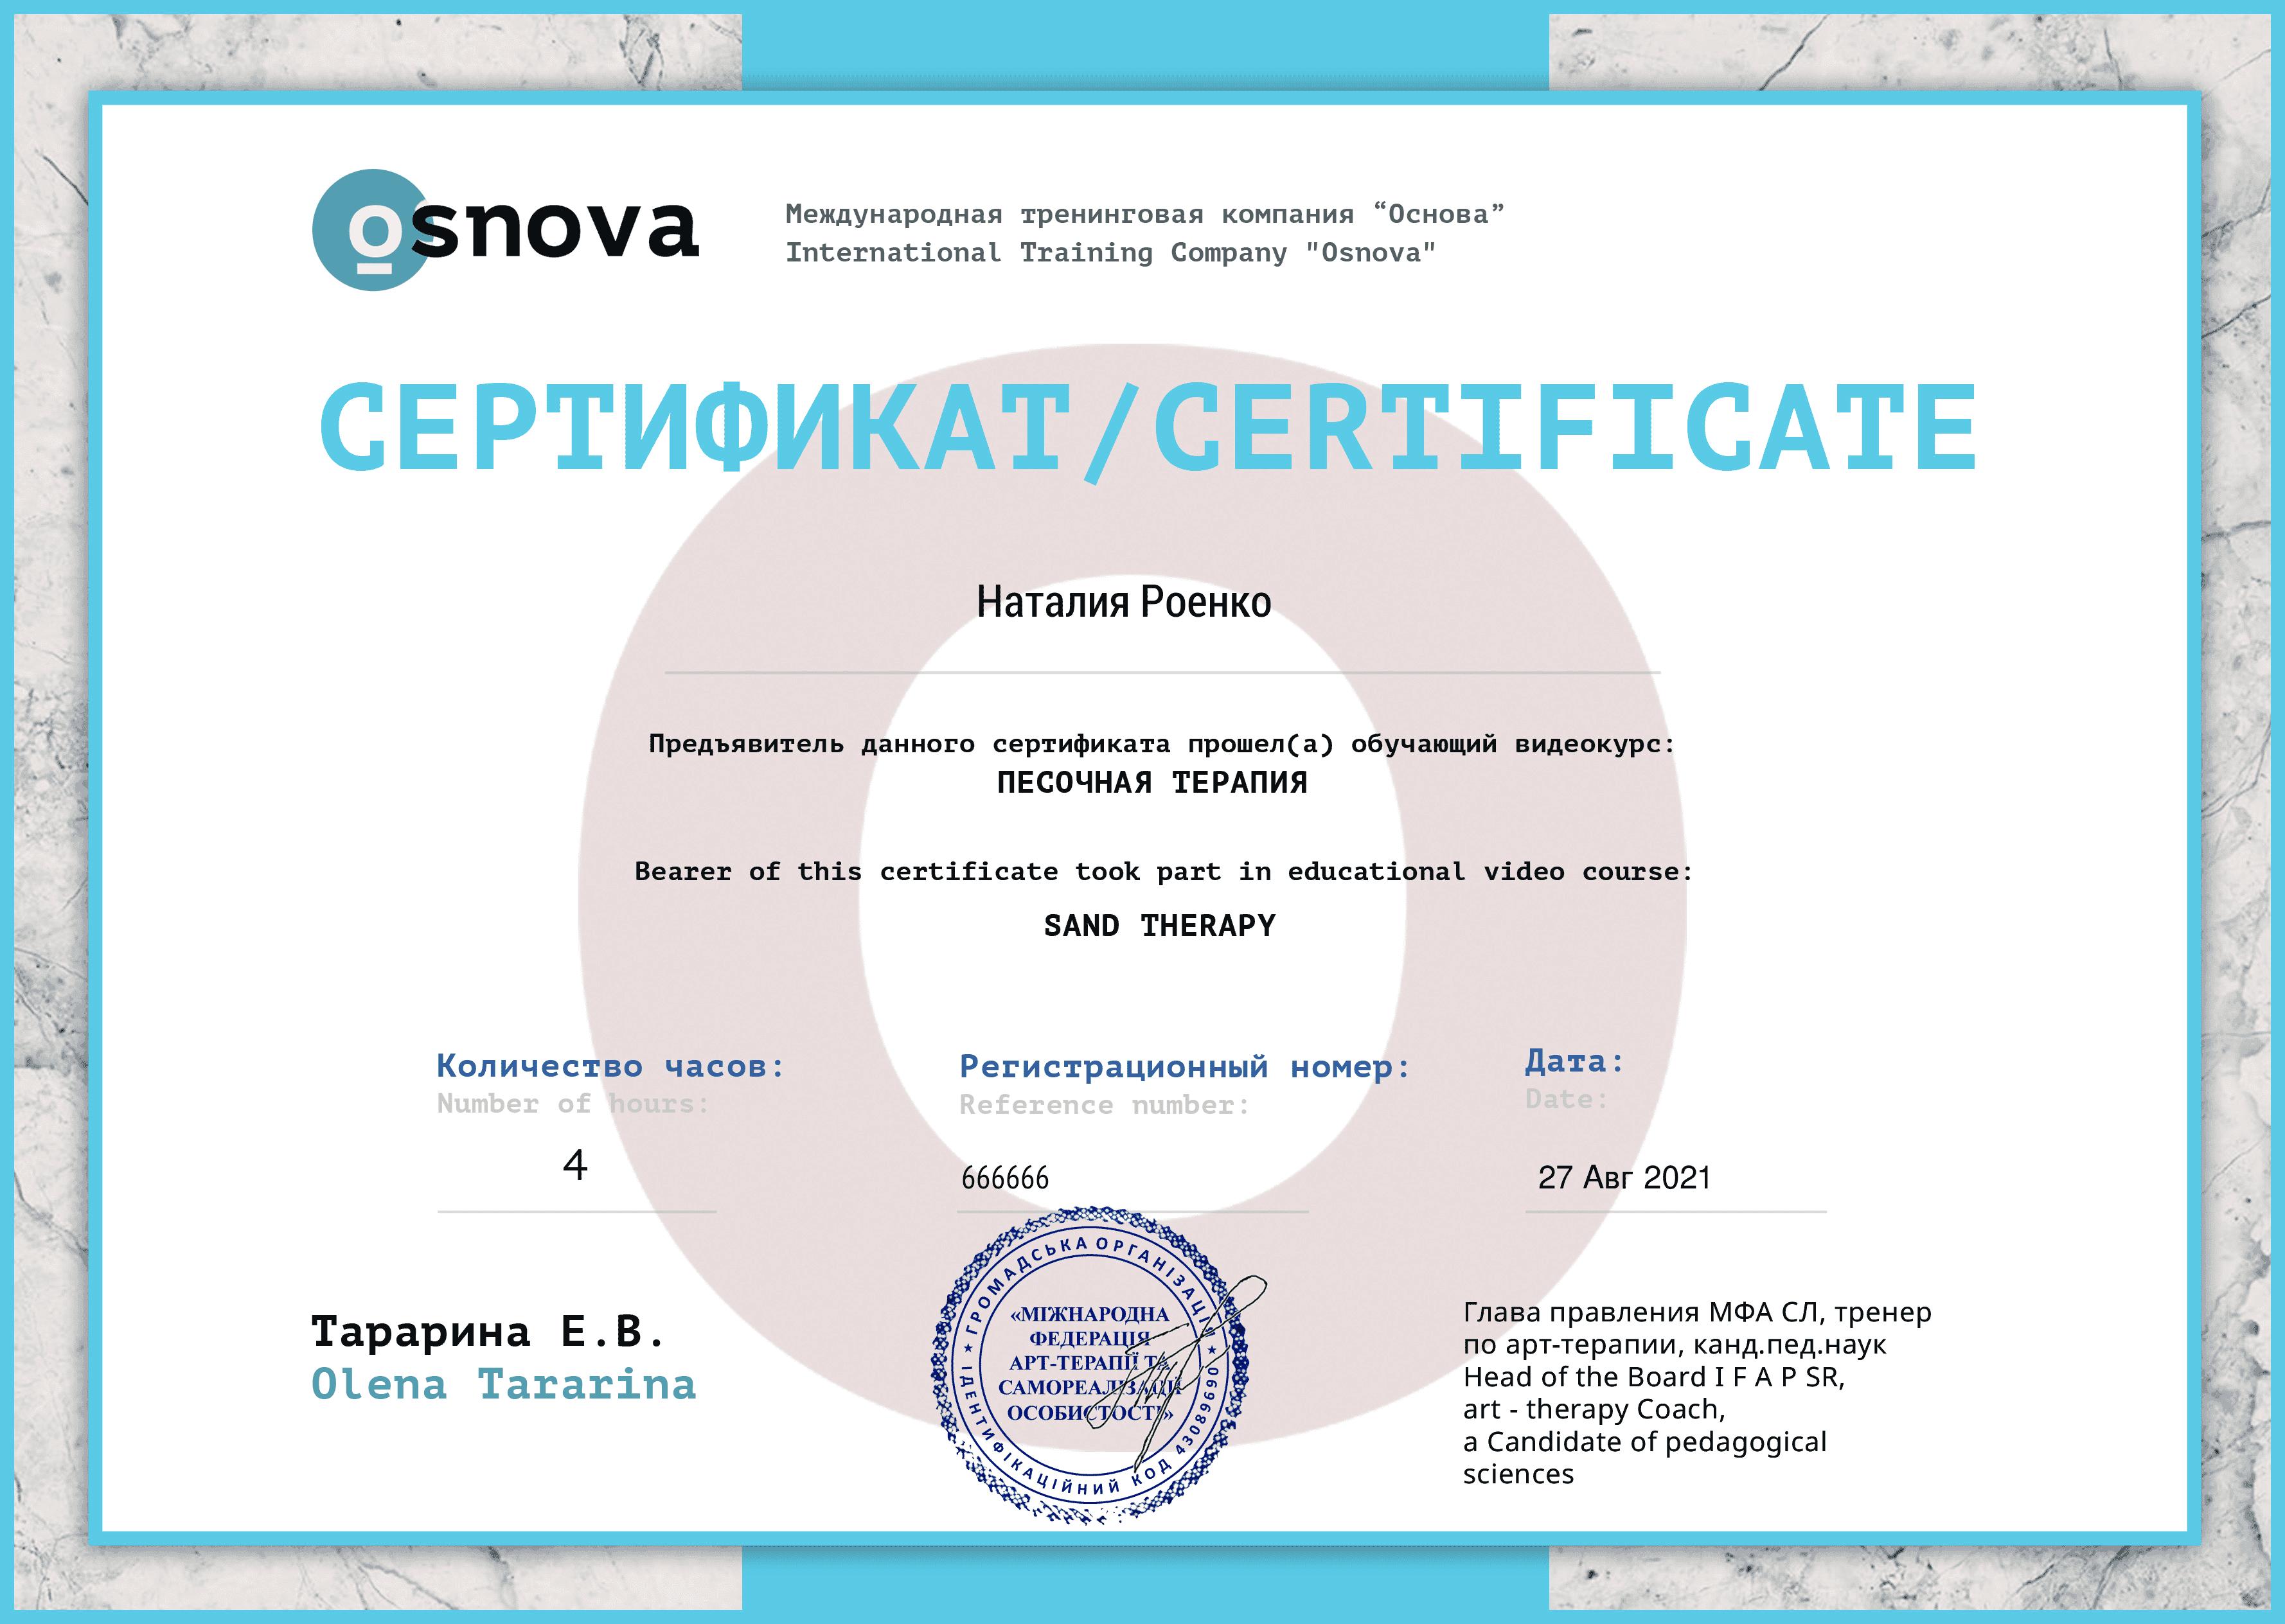 сертификат песочная терапия